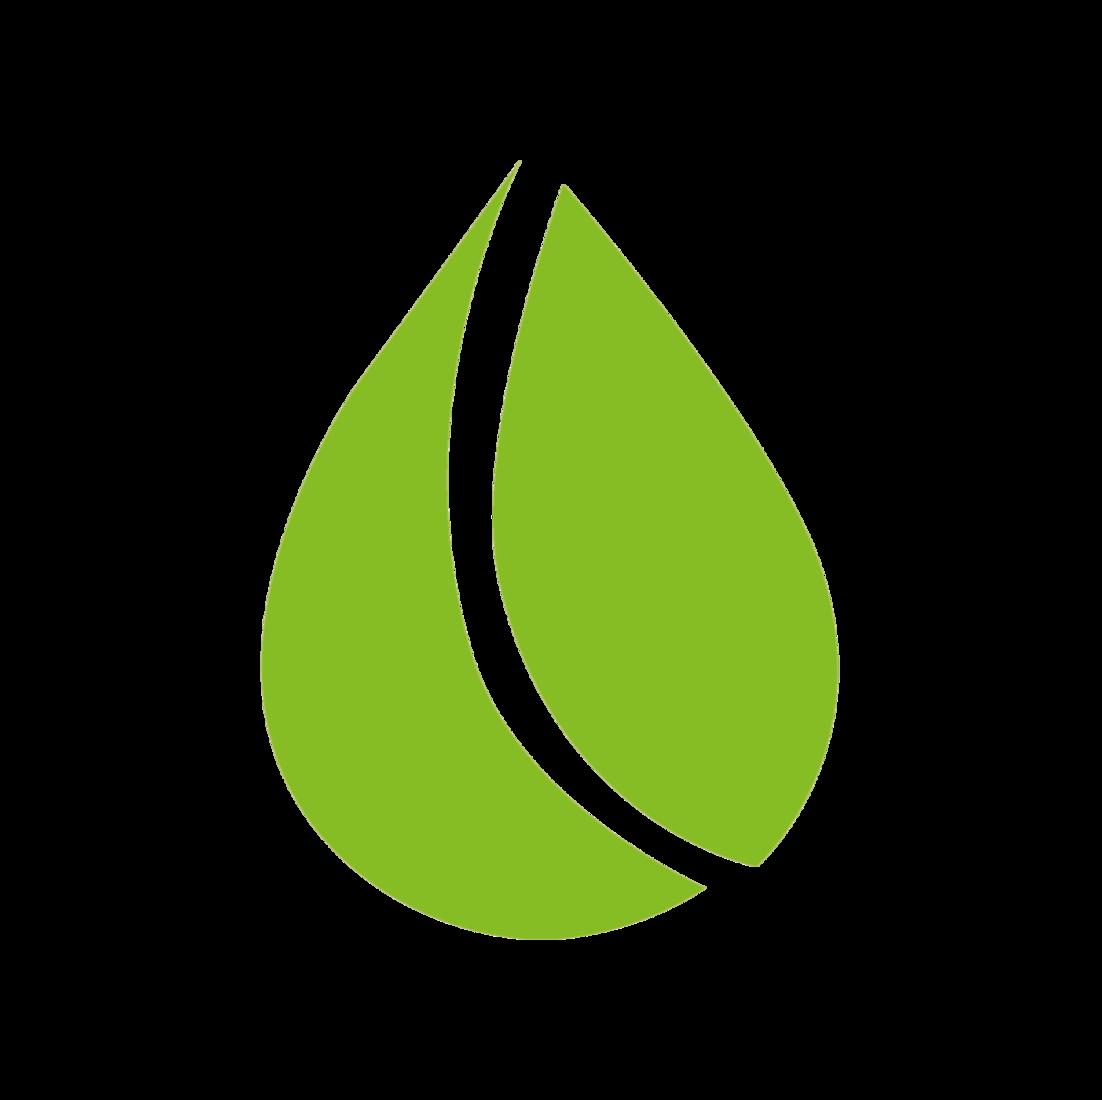 Ökopflaster-Symbol